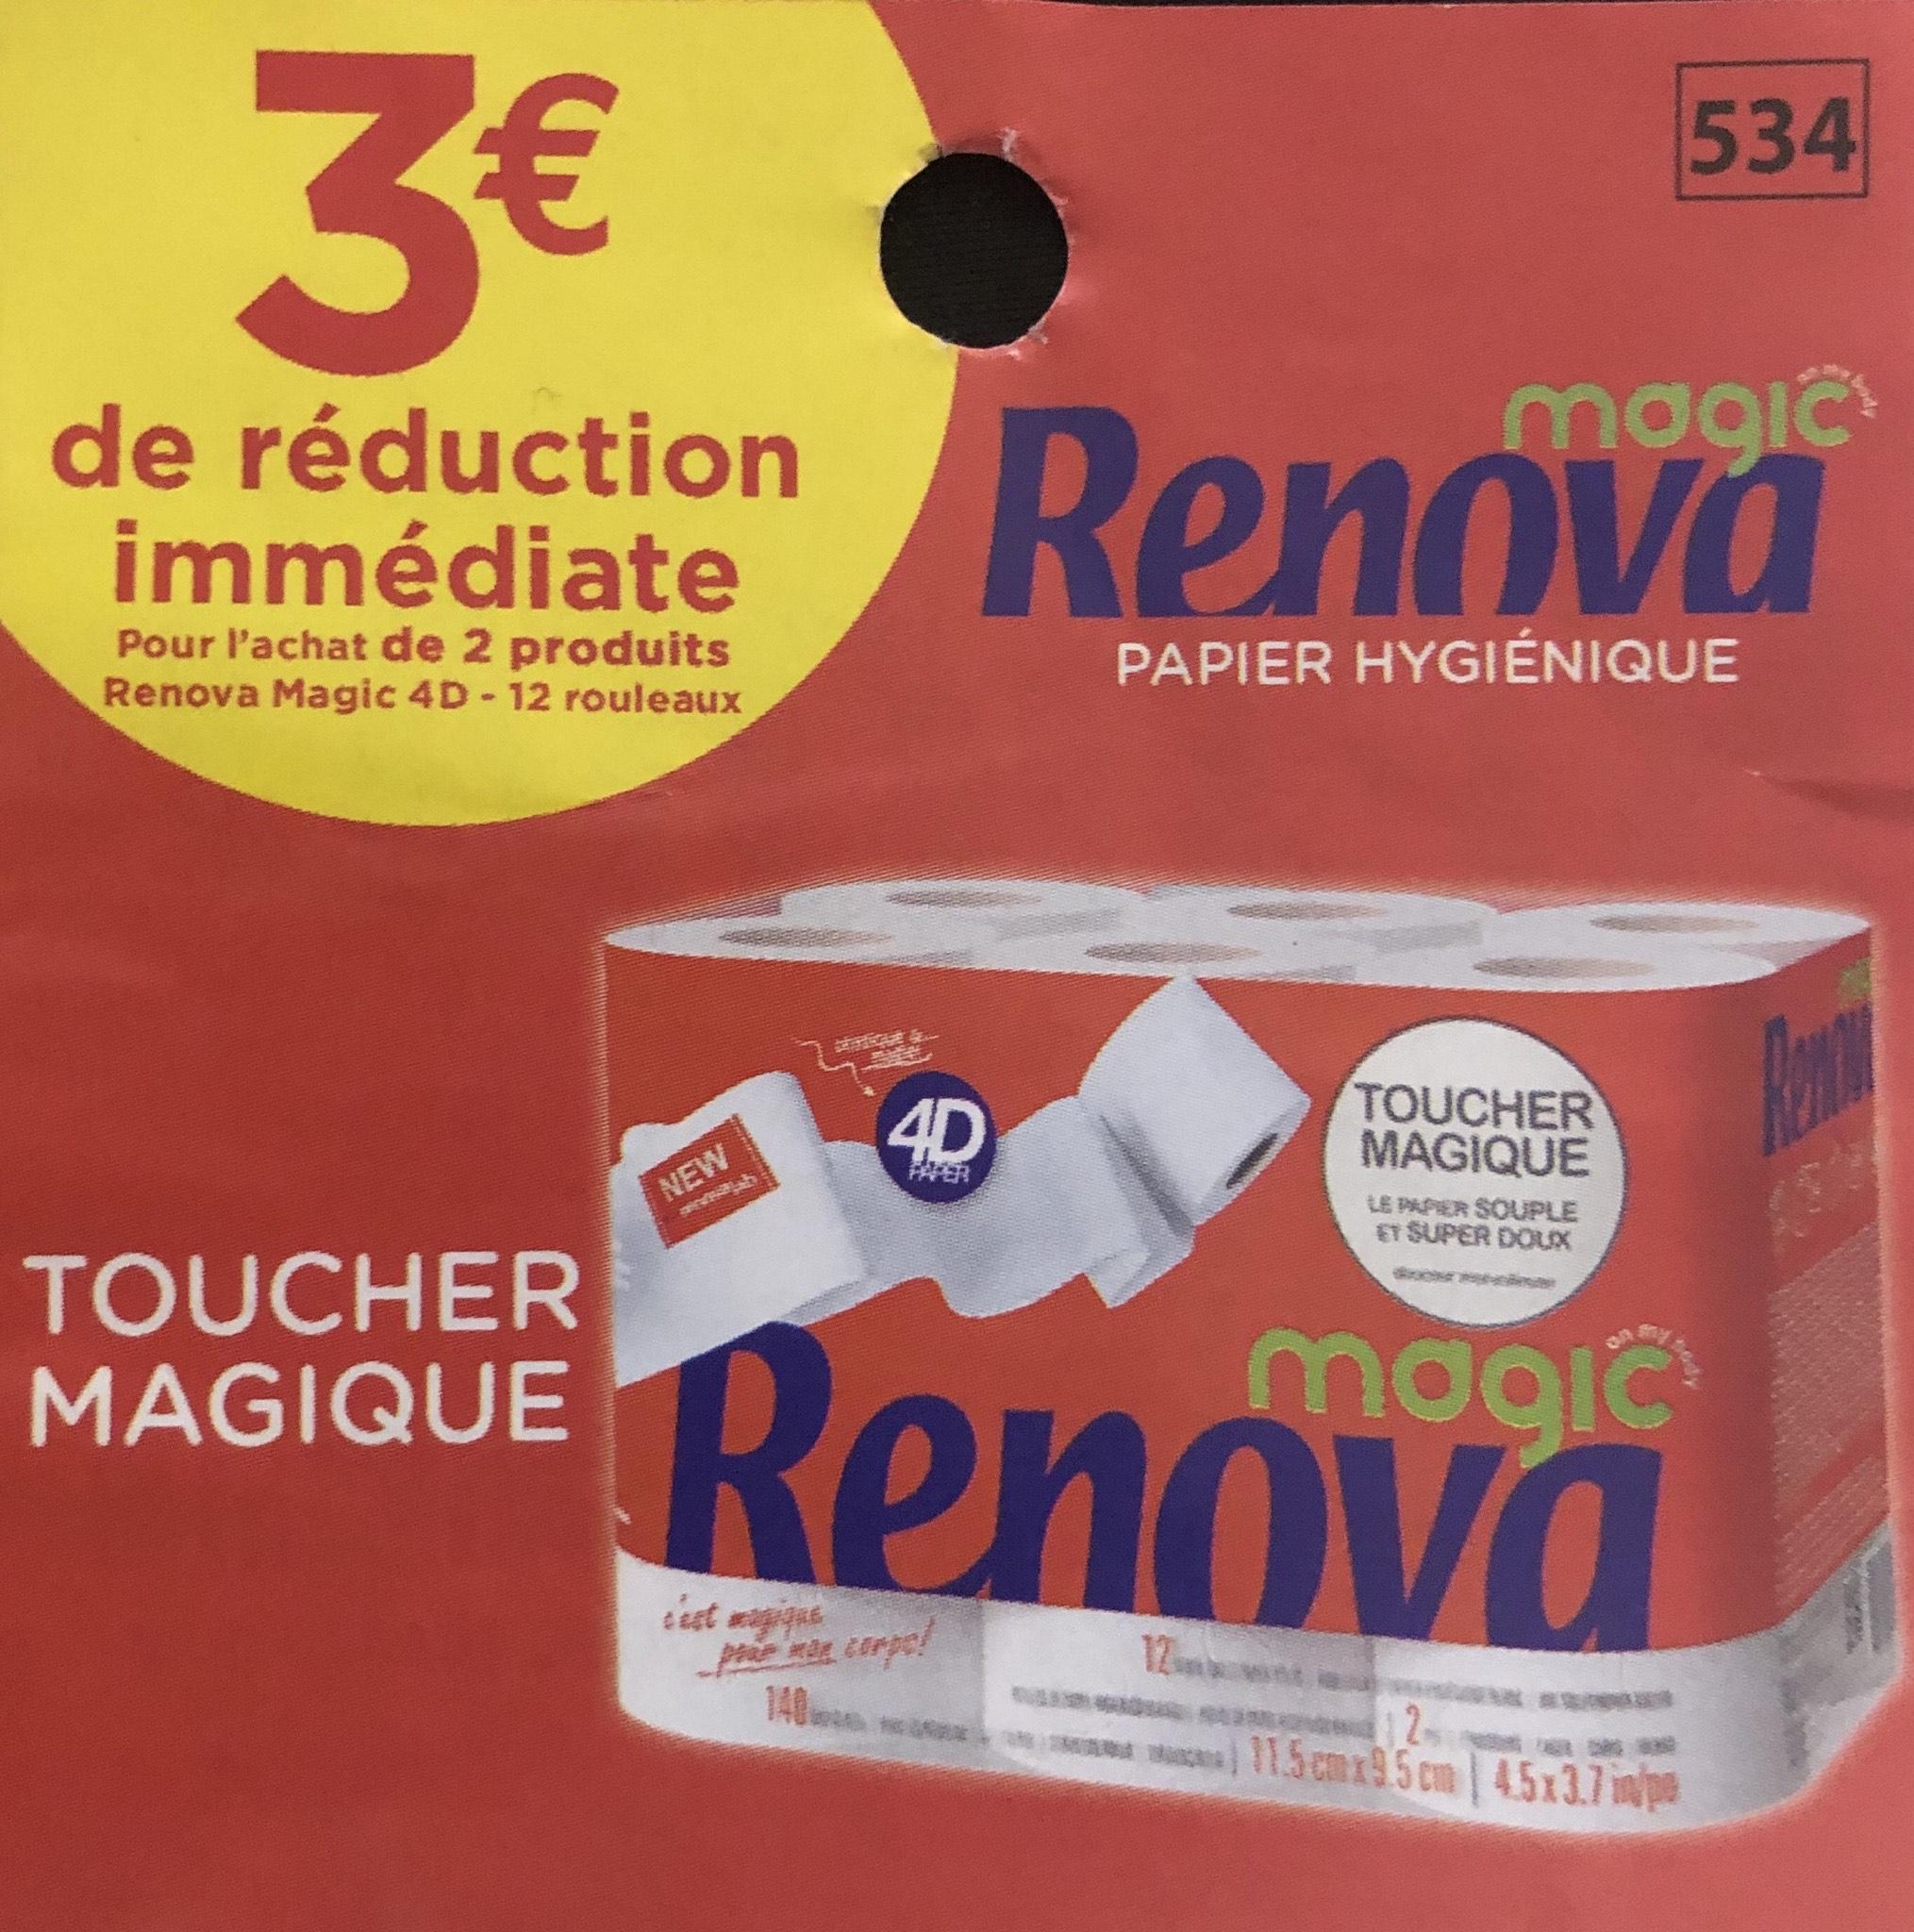 Lot de 2 paquets de 12 rouleaux de papier-toilette Renova Magic (via BDR) - Créteil (94)